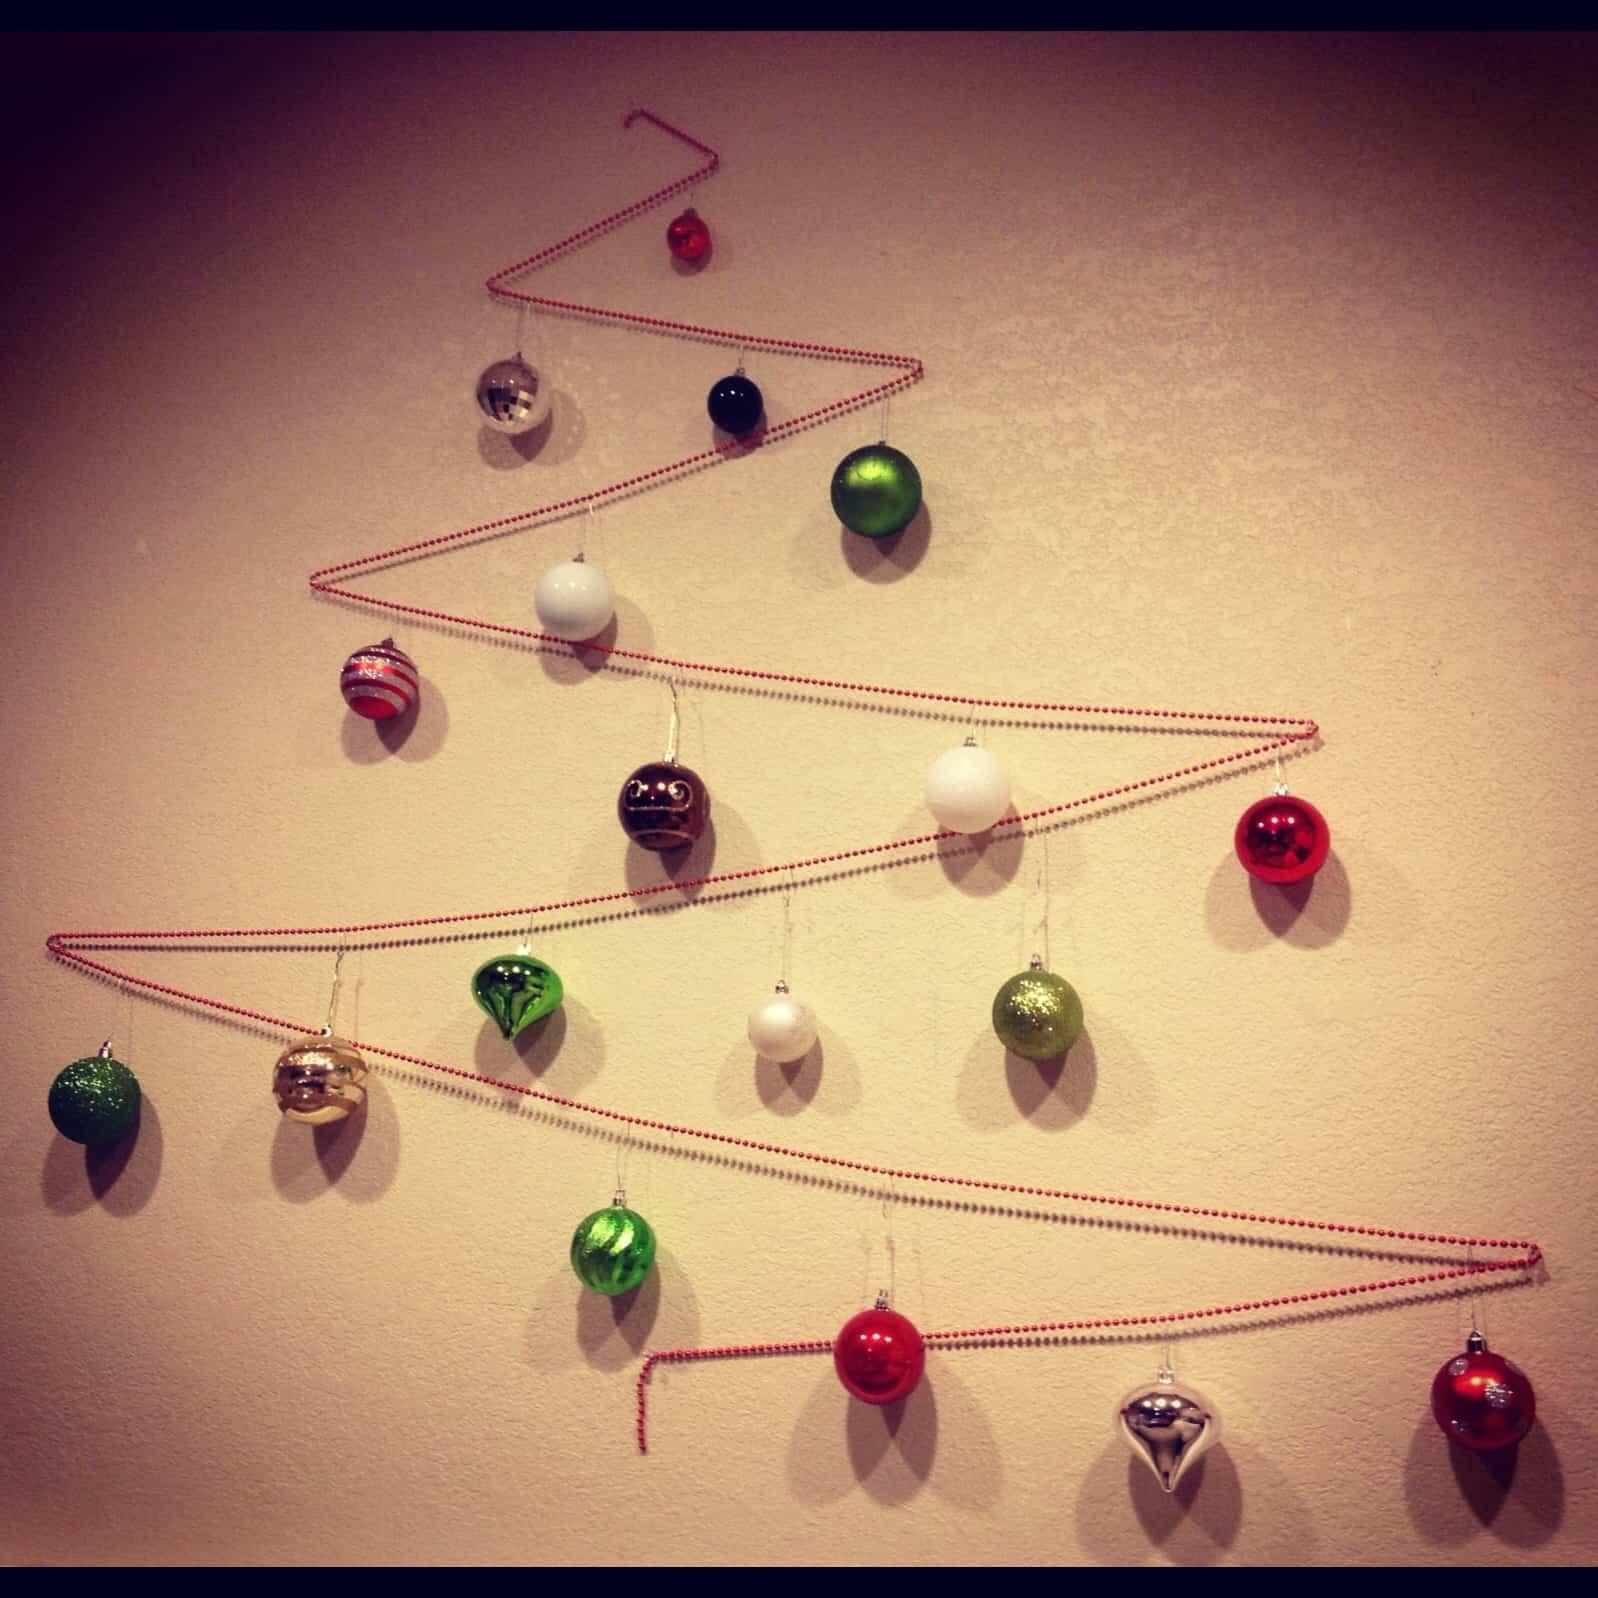 árbol de navidad hecho en la pared con bolas